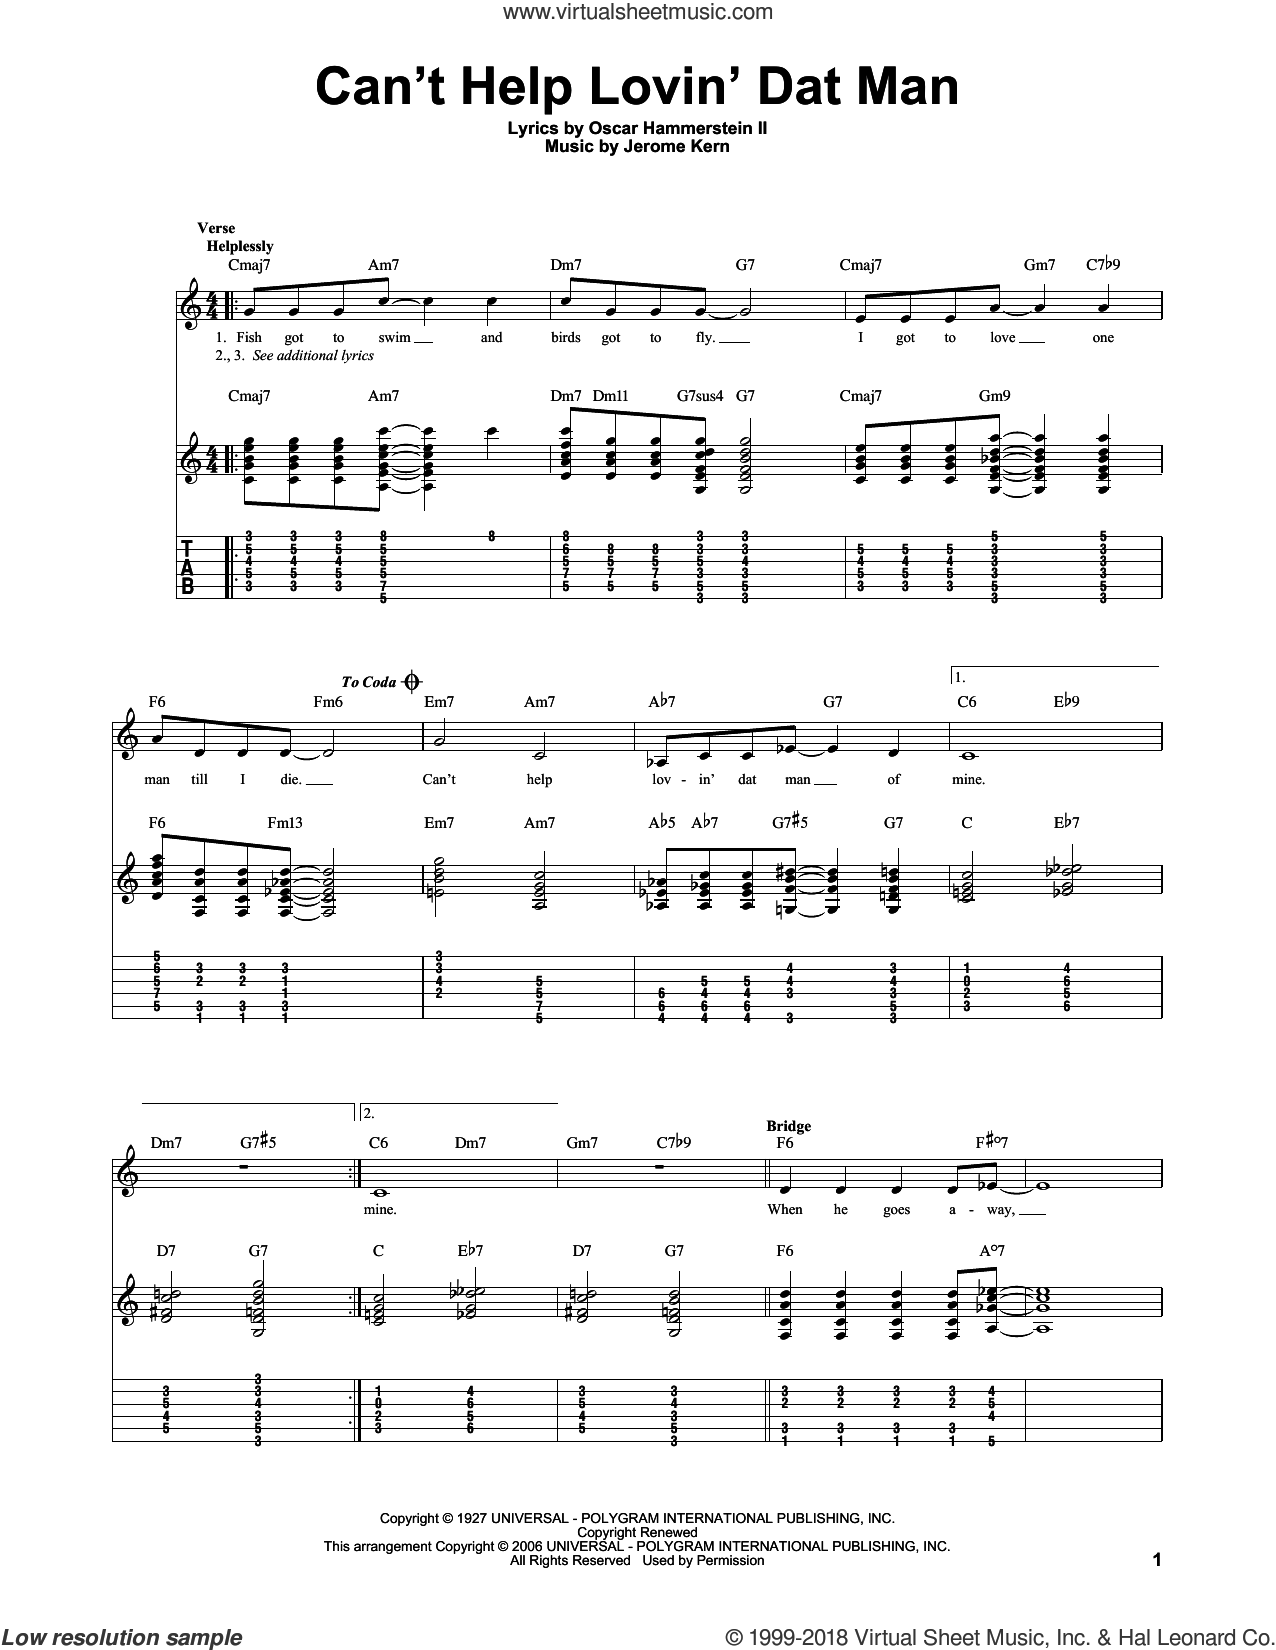 Can't Help Lovin' Dat Man sheet music for guitar solo by Jerome Kern, Annette Warren, Helen Morgan, Show Boat (Musical) and Oscar II Hammerstein, intermediate skill level